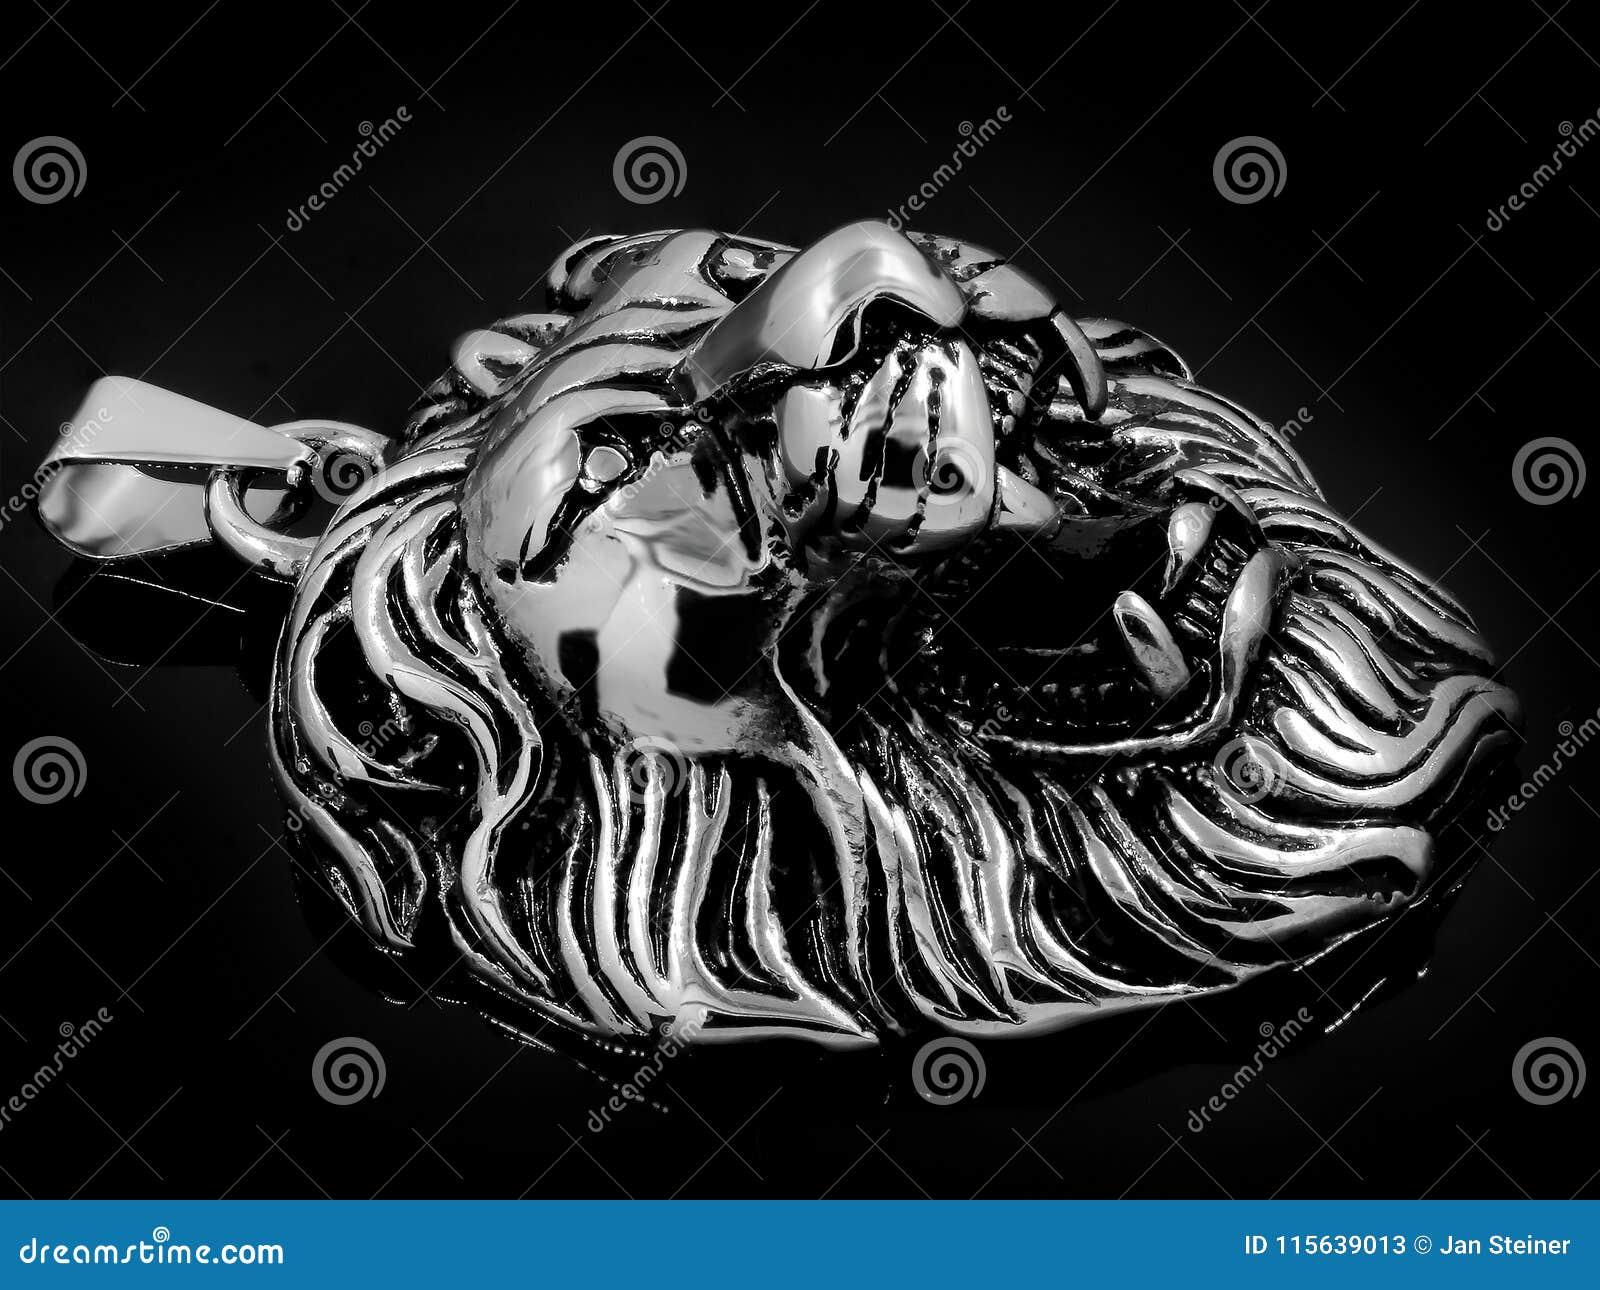 León rey de los animales aretes remolque pendiente metal plata